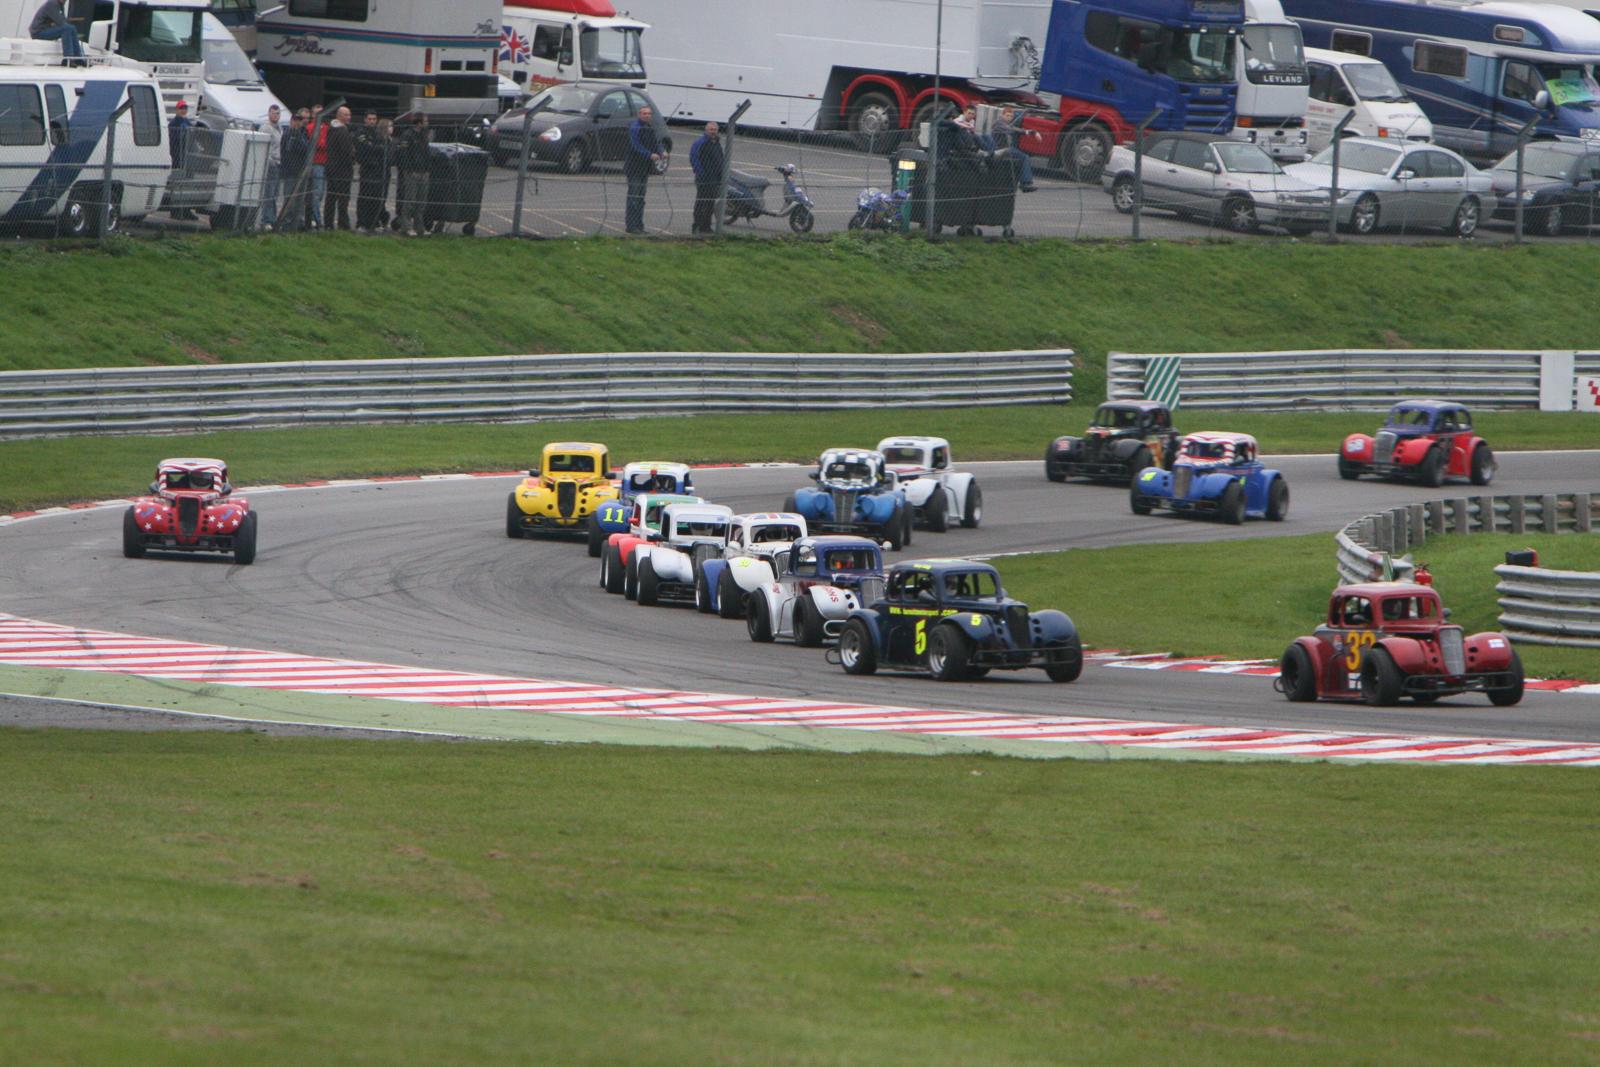 20071103 - Truck Racing Brands -071103 -054